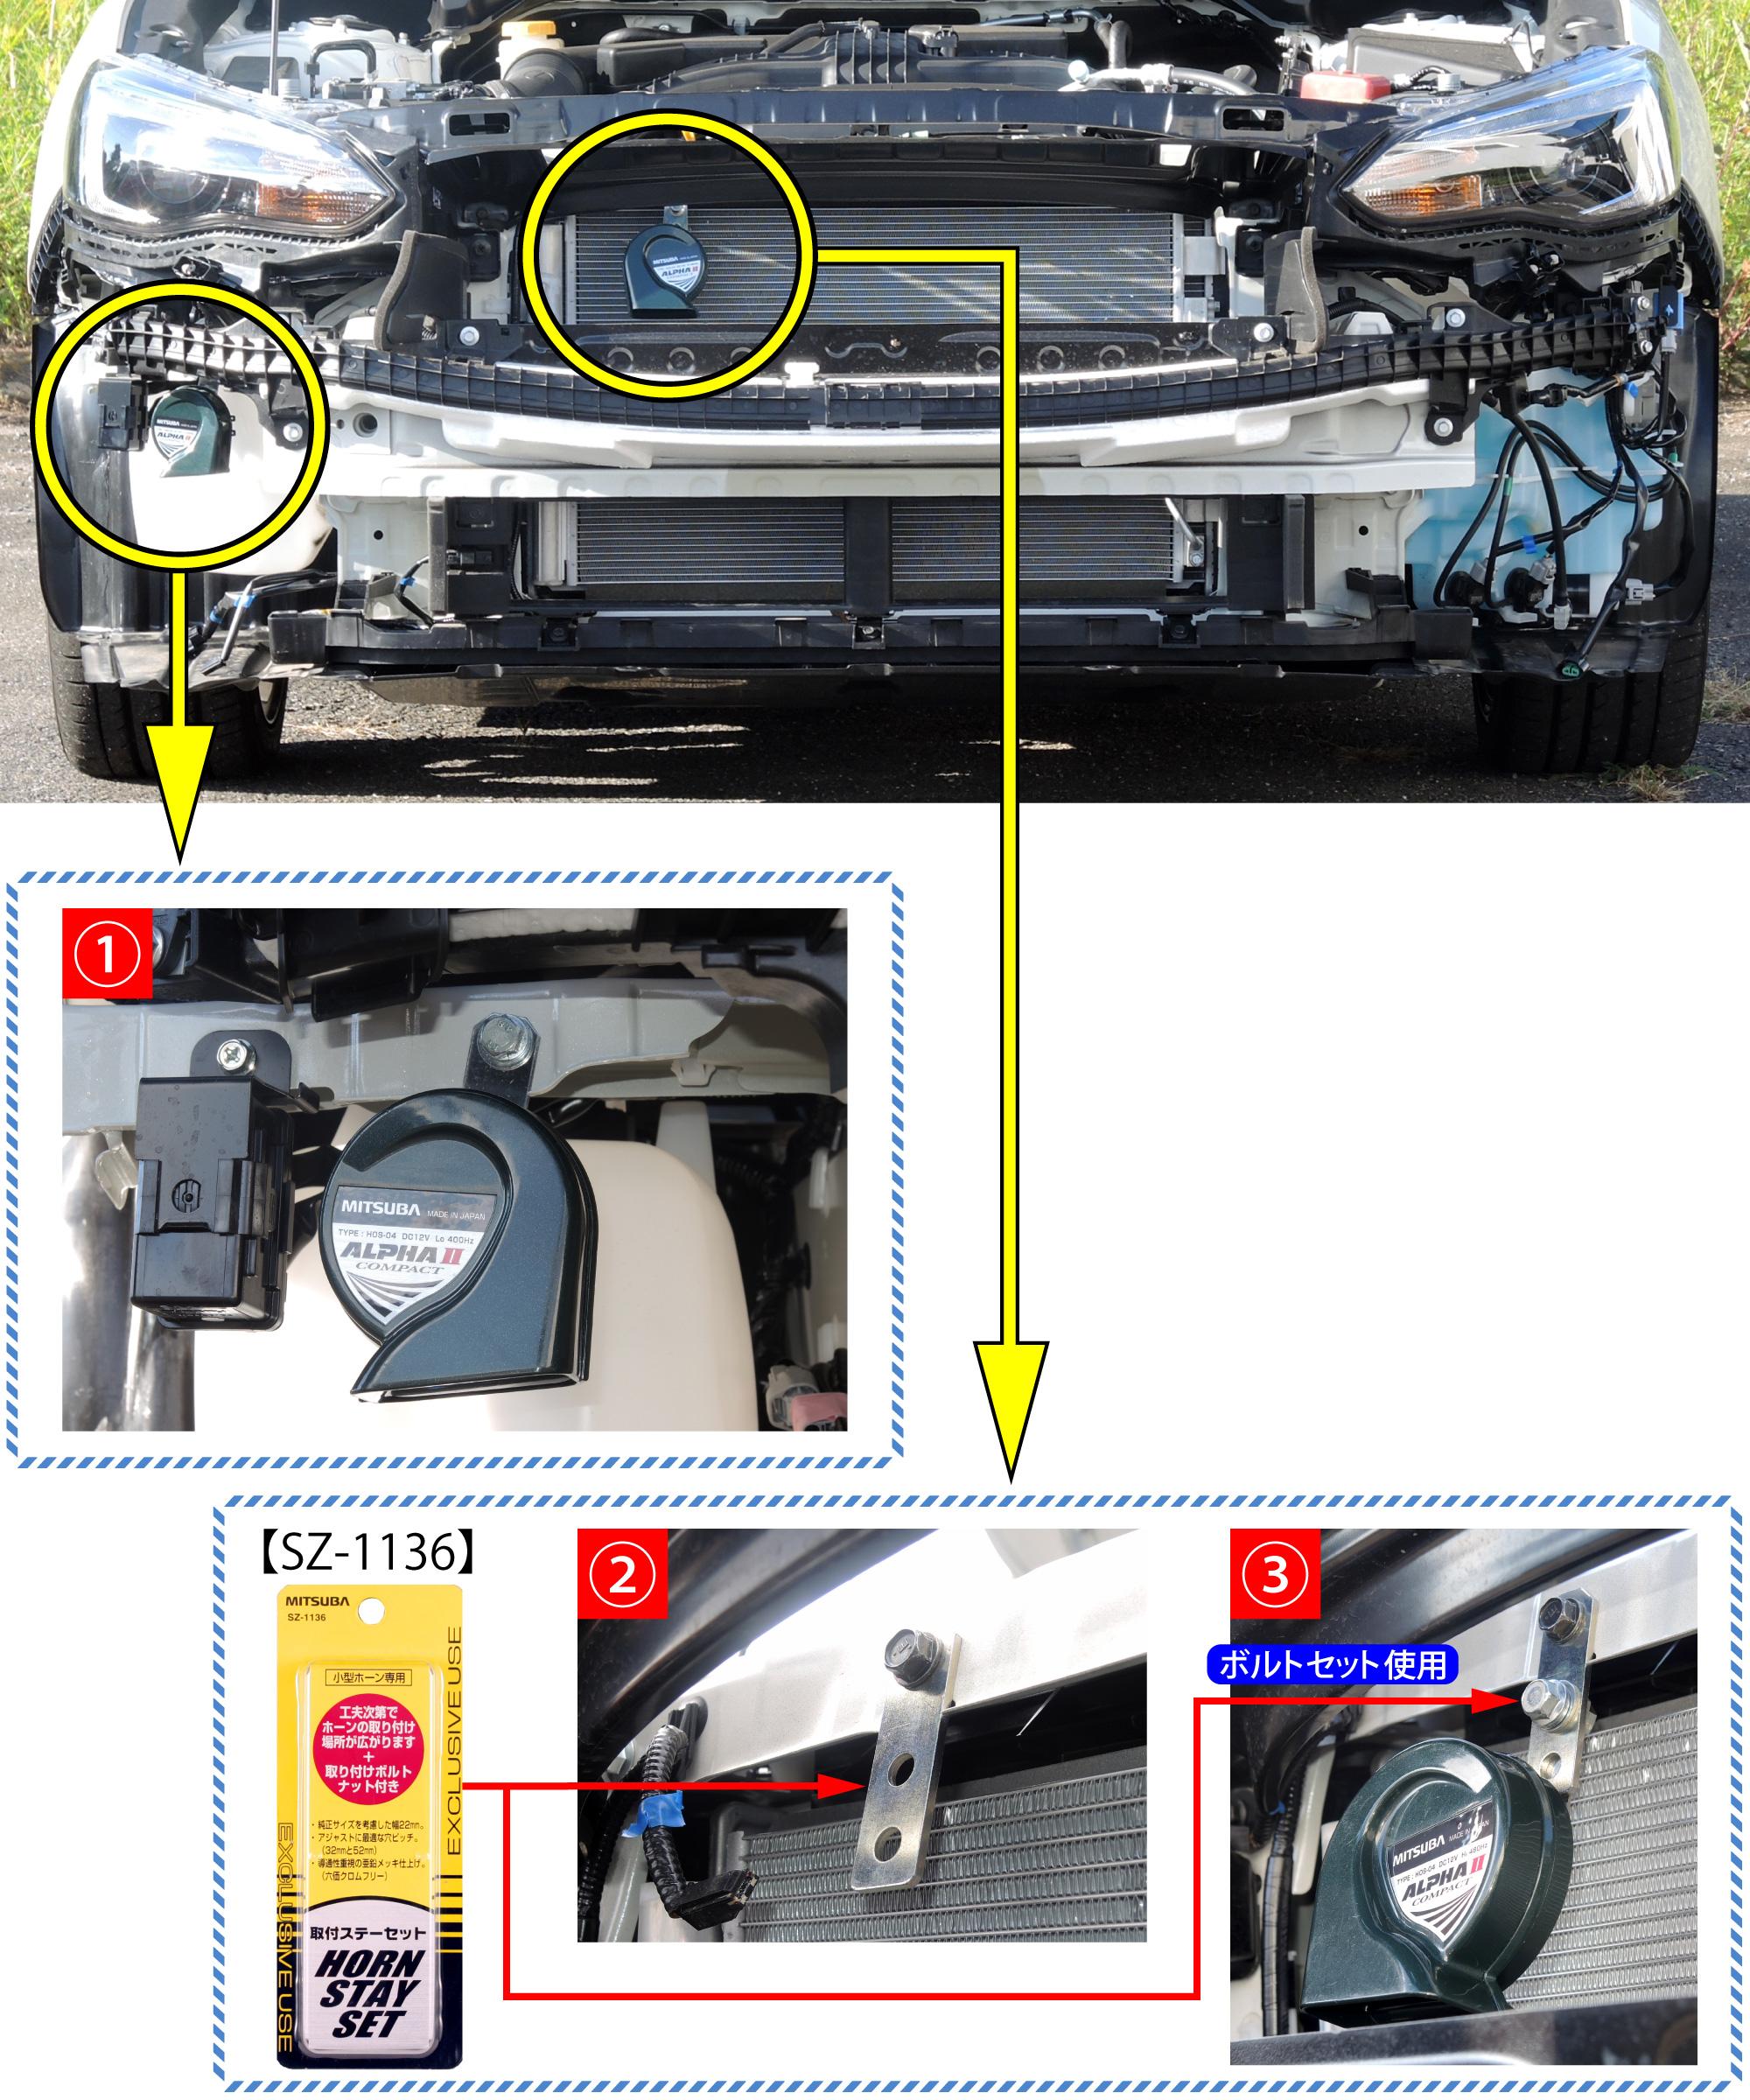 インプレッサスポーツ(GT6)のホーン交換